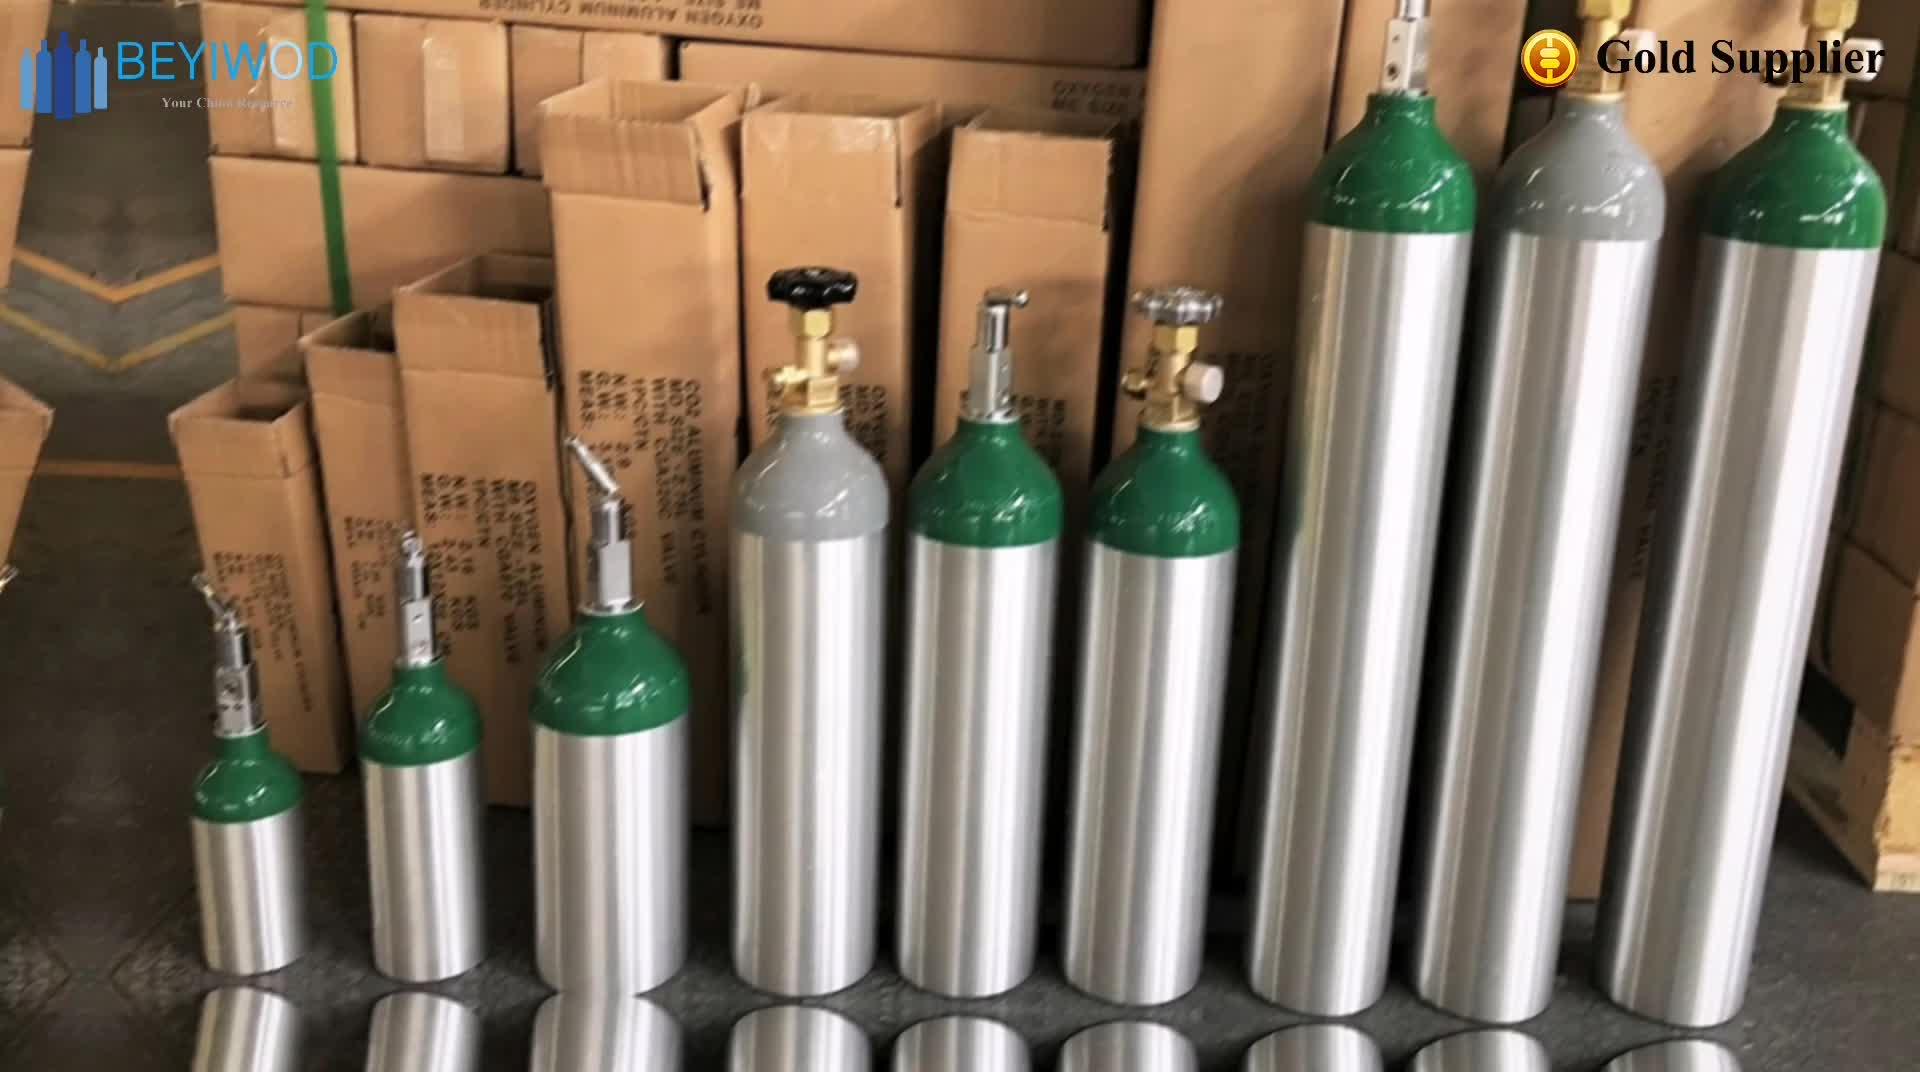 Yeni alüminyum silindir CO2 tankı silindir tıbbi oksijen gaz silindirleri